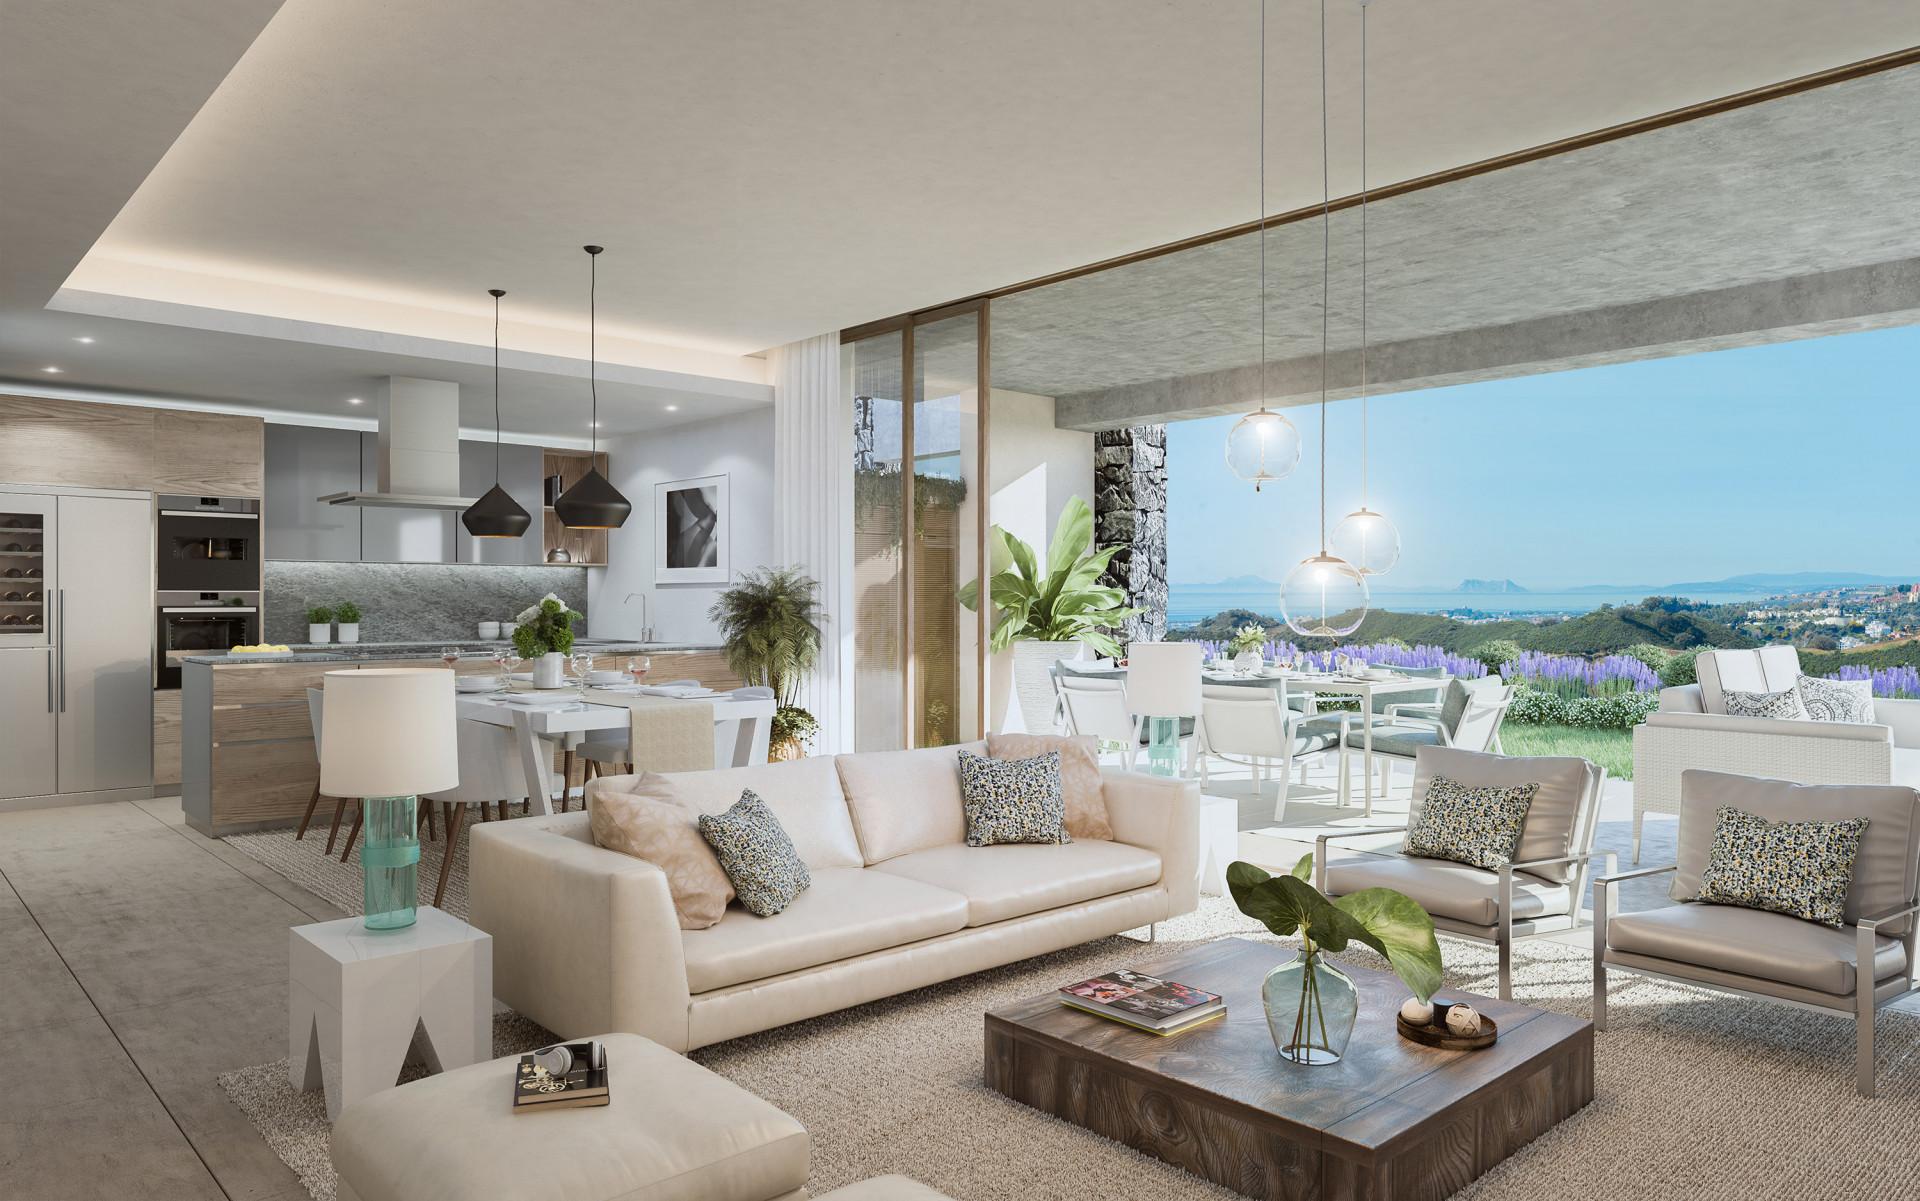 ARFA1199 - Moderne Wohnungen im einzigartigen Design zu verkaufen in La Quinta bei Marbella